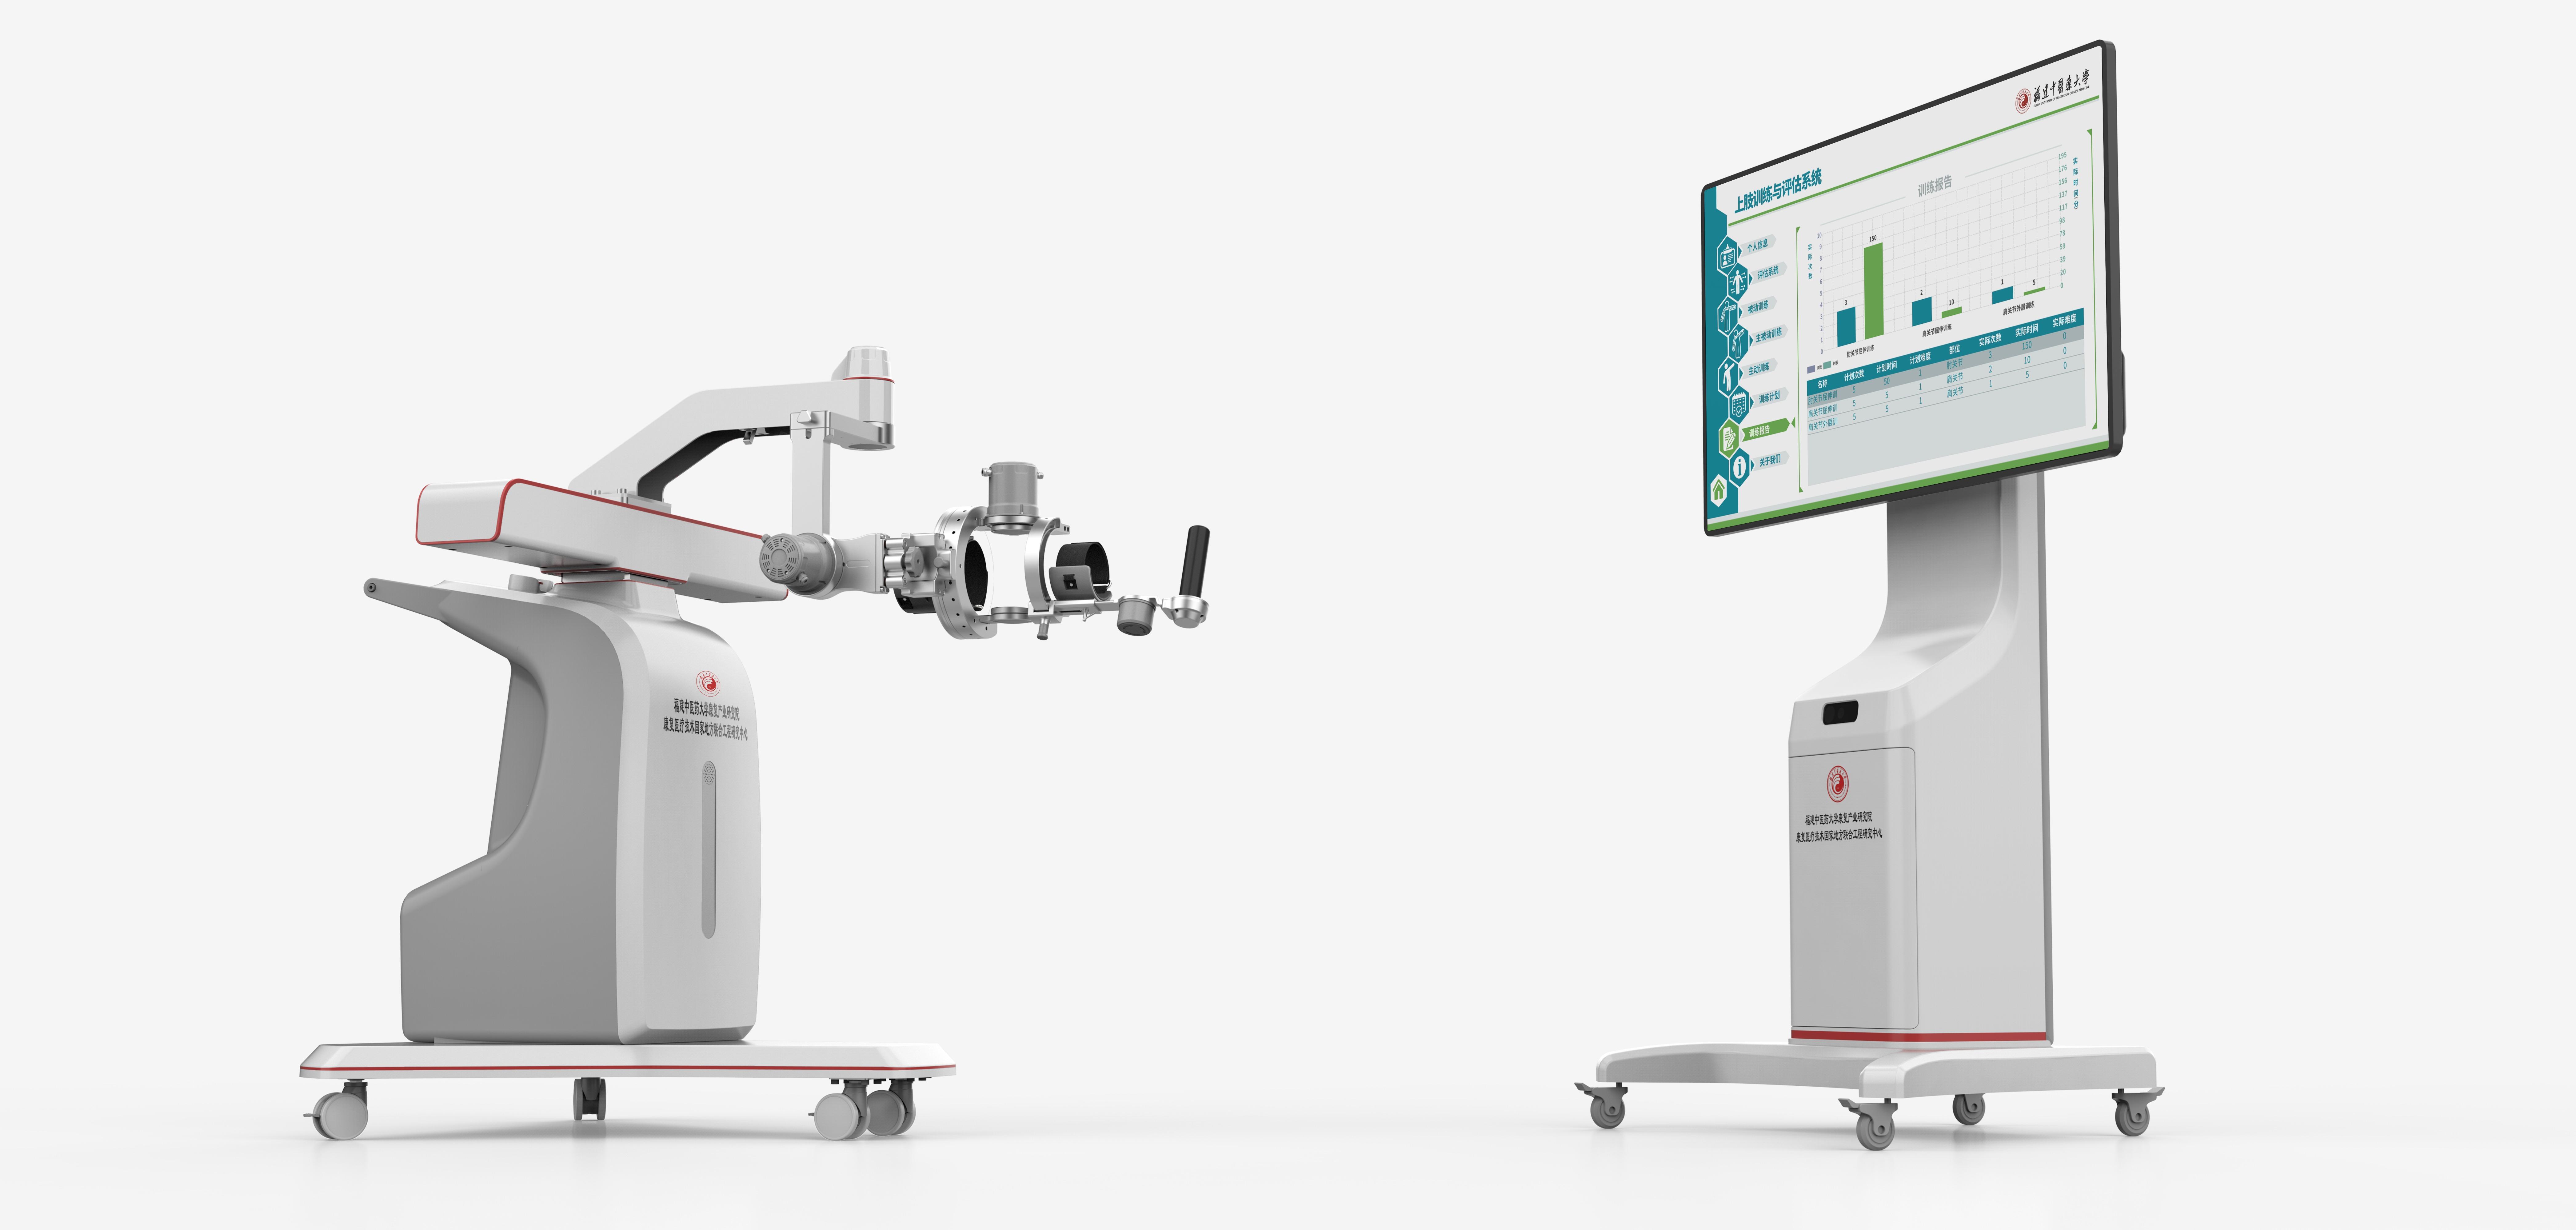 【医疗设备设计】医疗设备设计 产品设计 产品外观设计工业设计